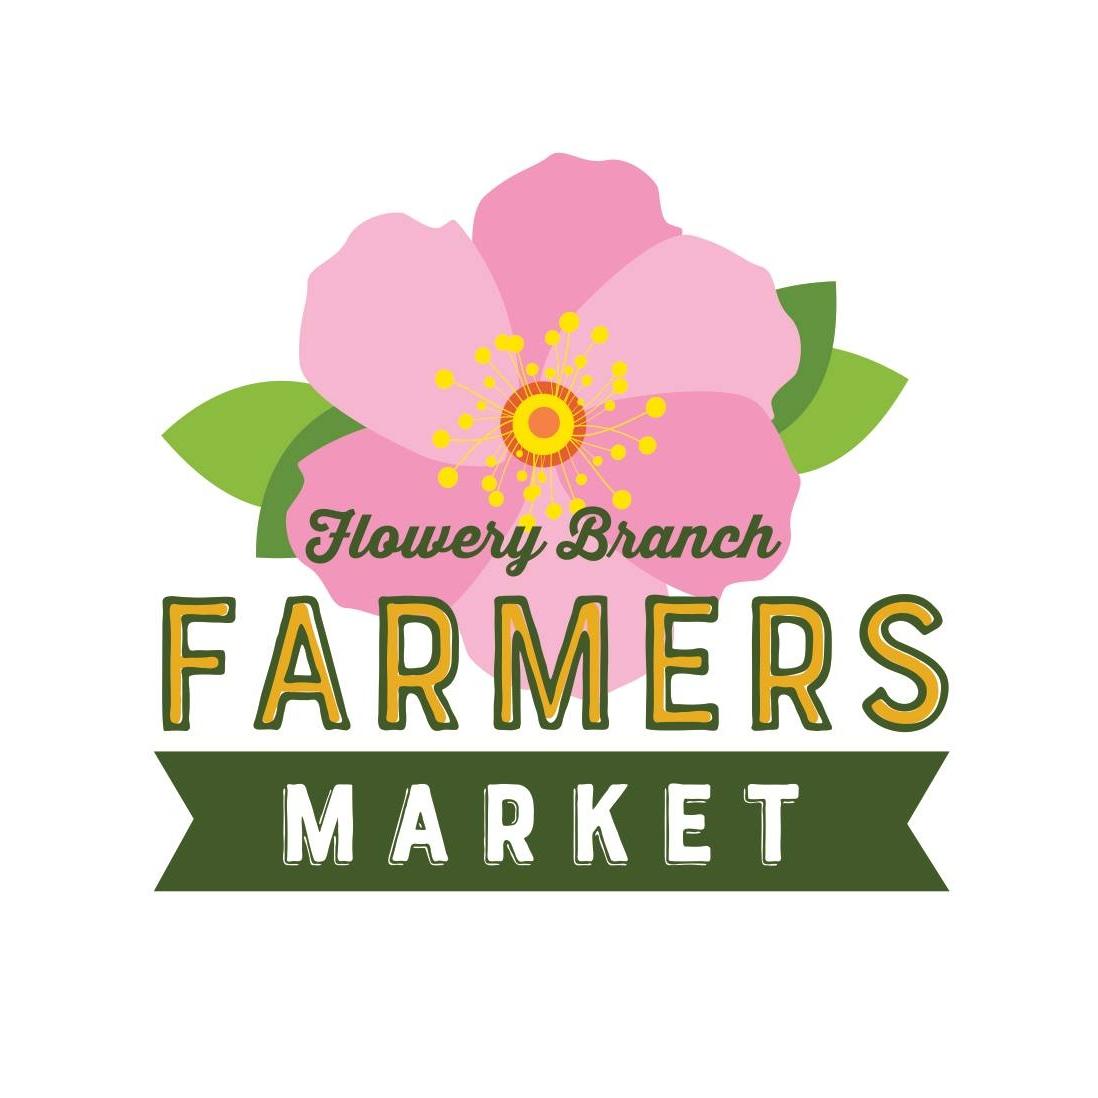 Flowery Branch Farers Market